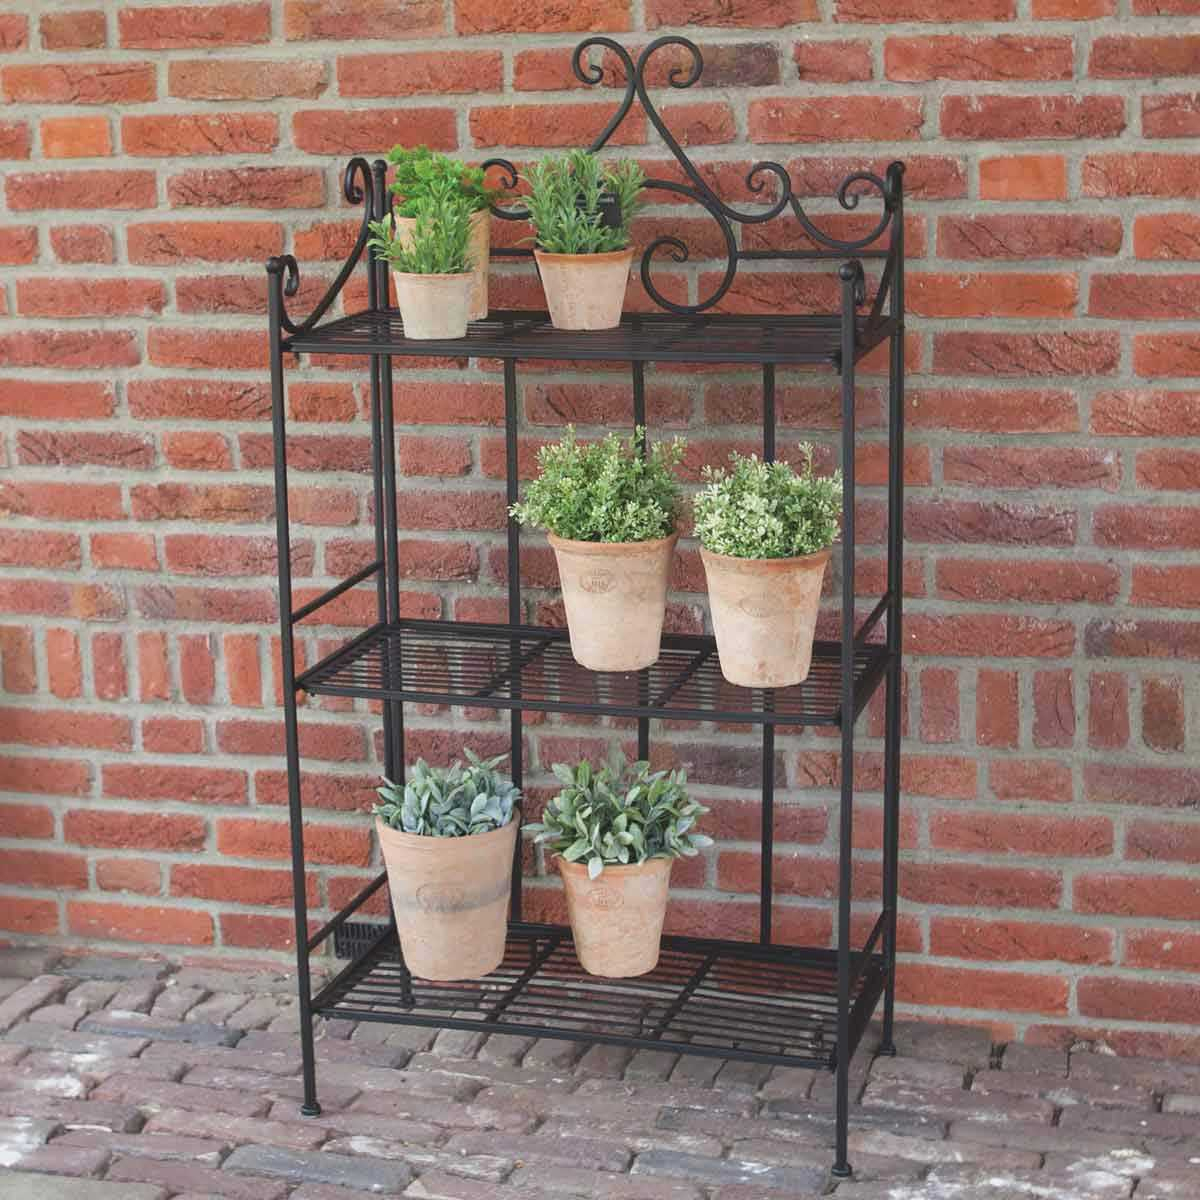 Étagère Pliante Pour Plantes En Fer 3 Niveaux 113Cm avec Etagere De Jardin Pour Plantes